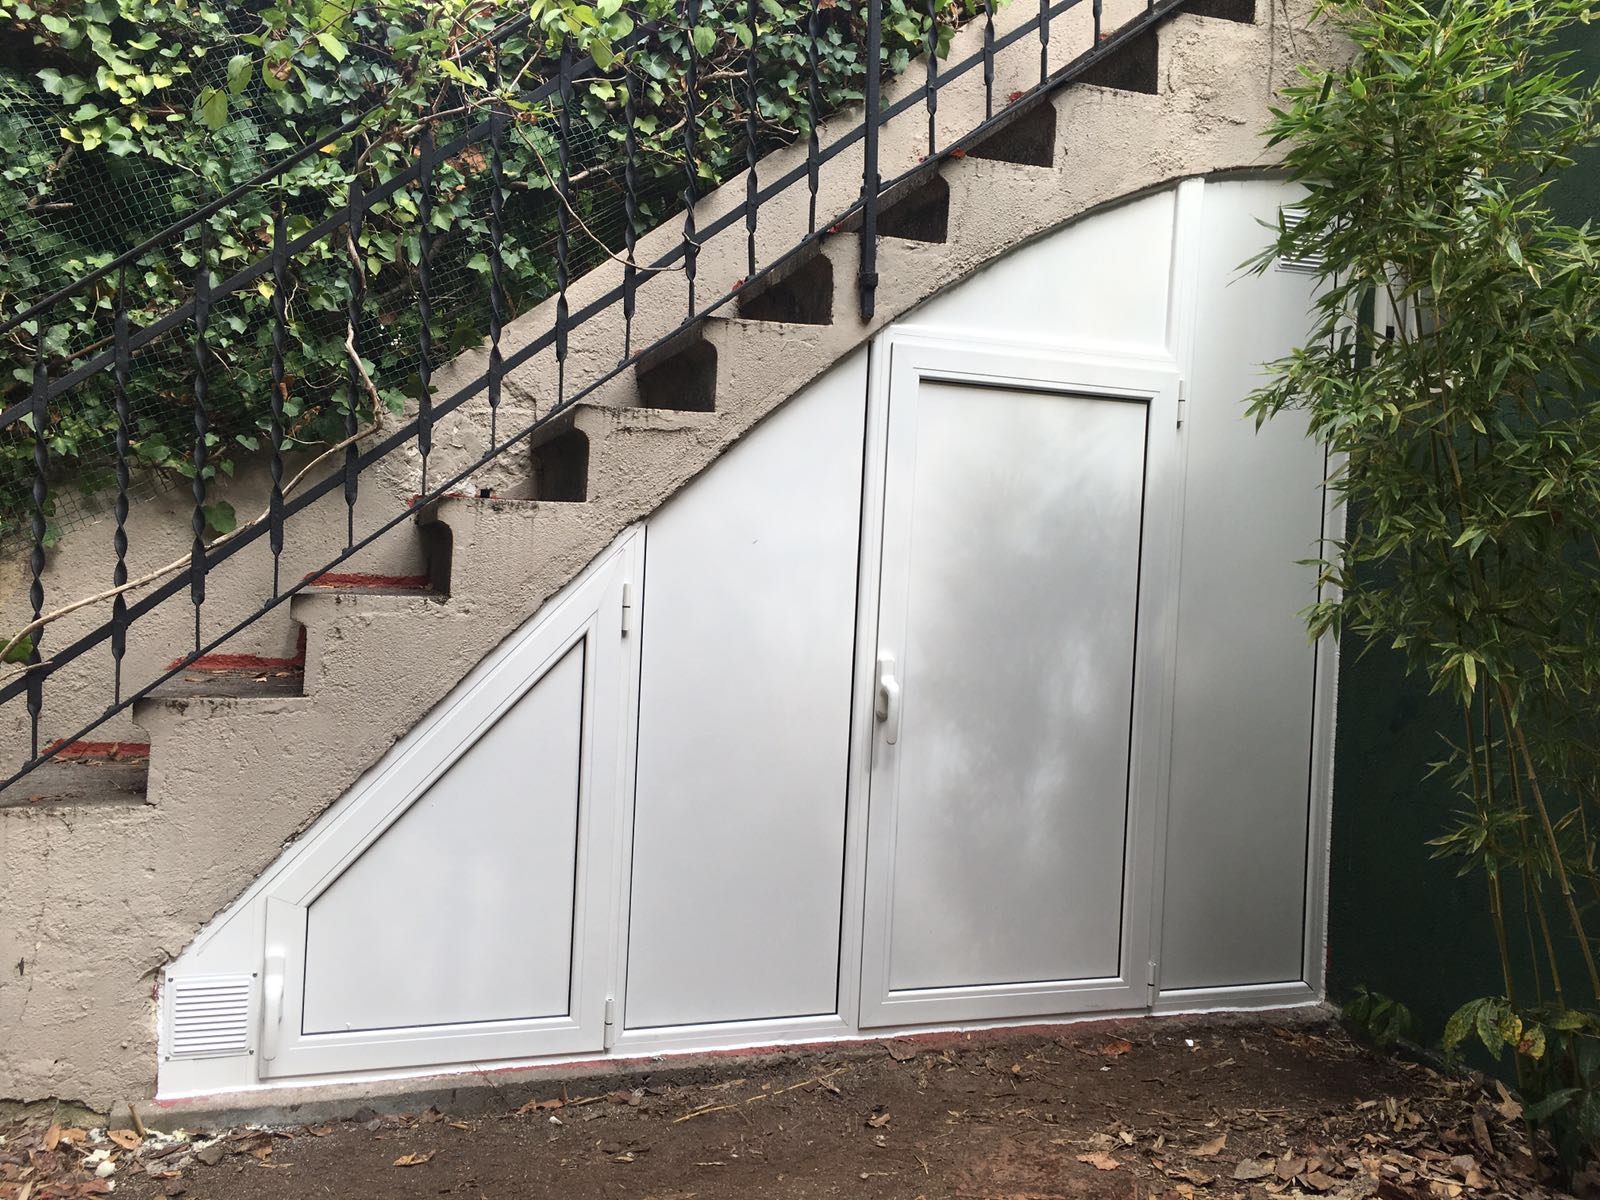 Armario exterior a medida para hueco de escalera hermanos almansa - Armario hueco escalera ...